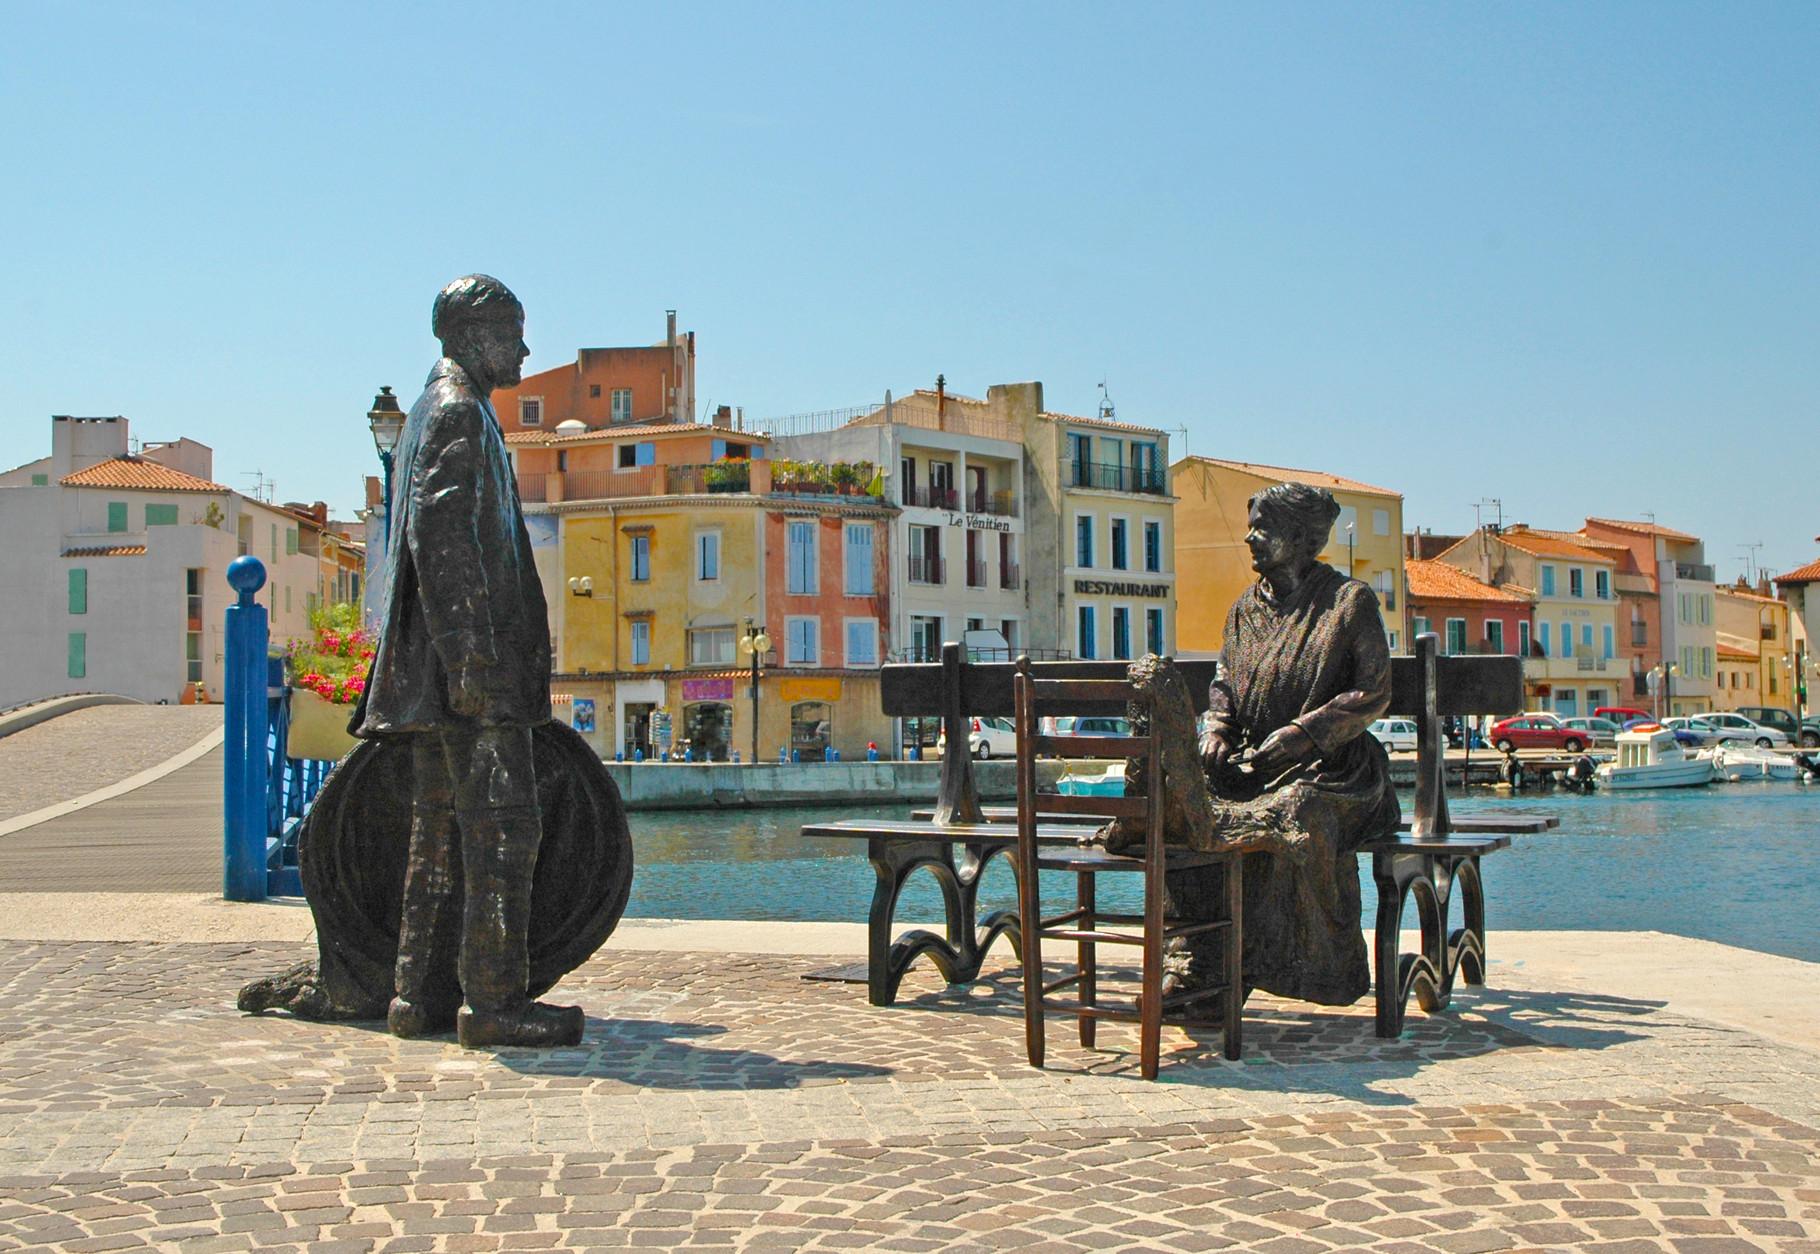 Statues en pied du Pêcheur et la Ramendeuse, au Port de Martigues, par Sébastien Langloÿs